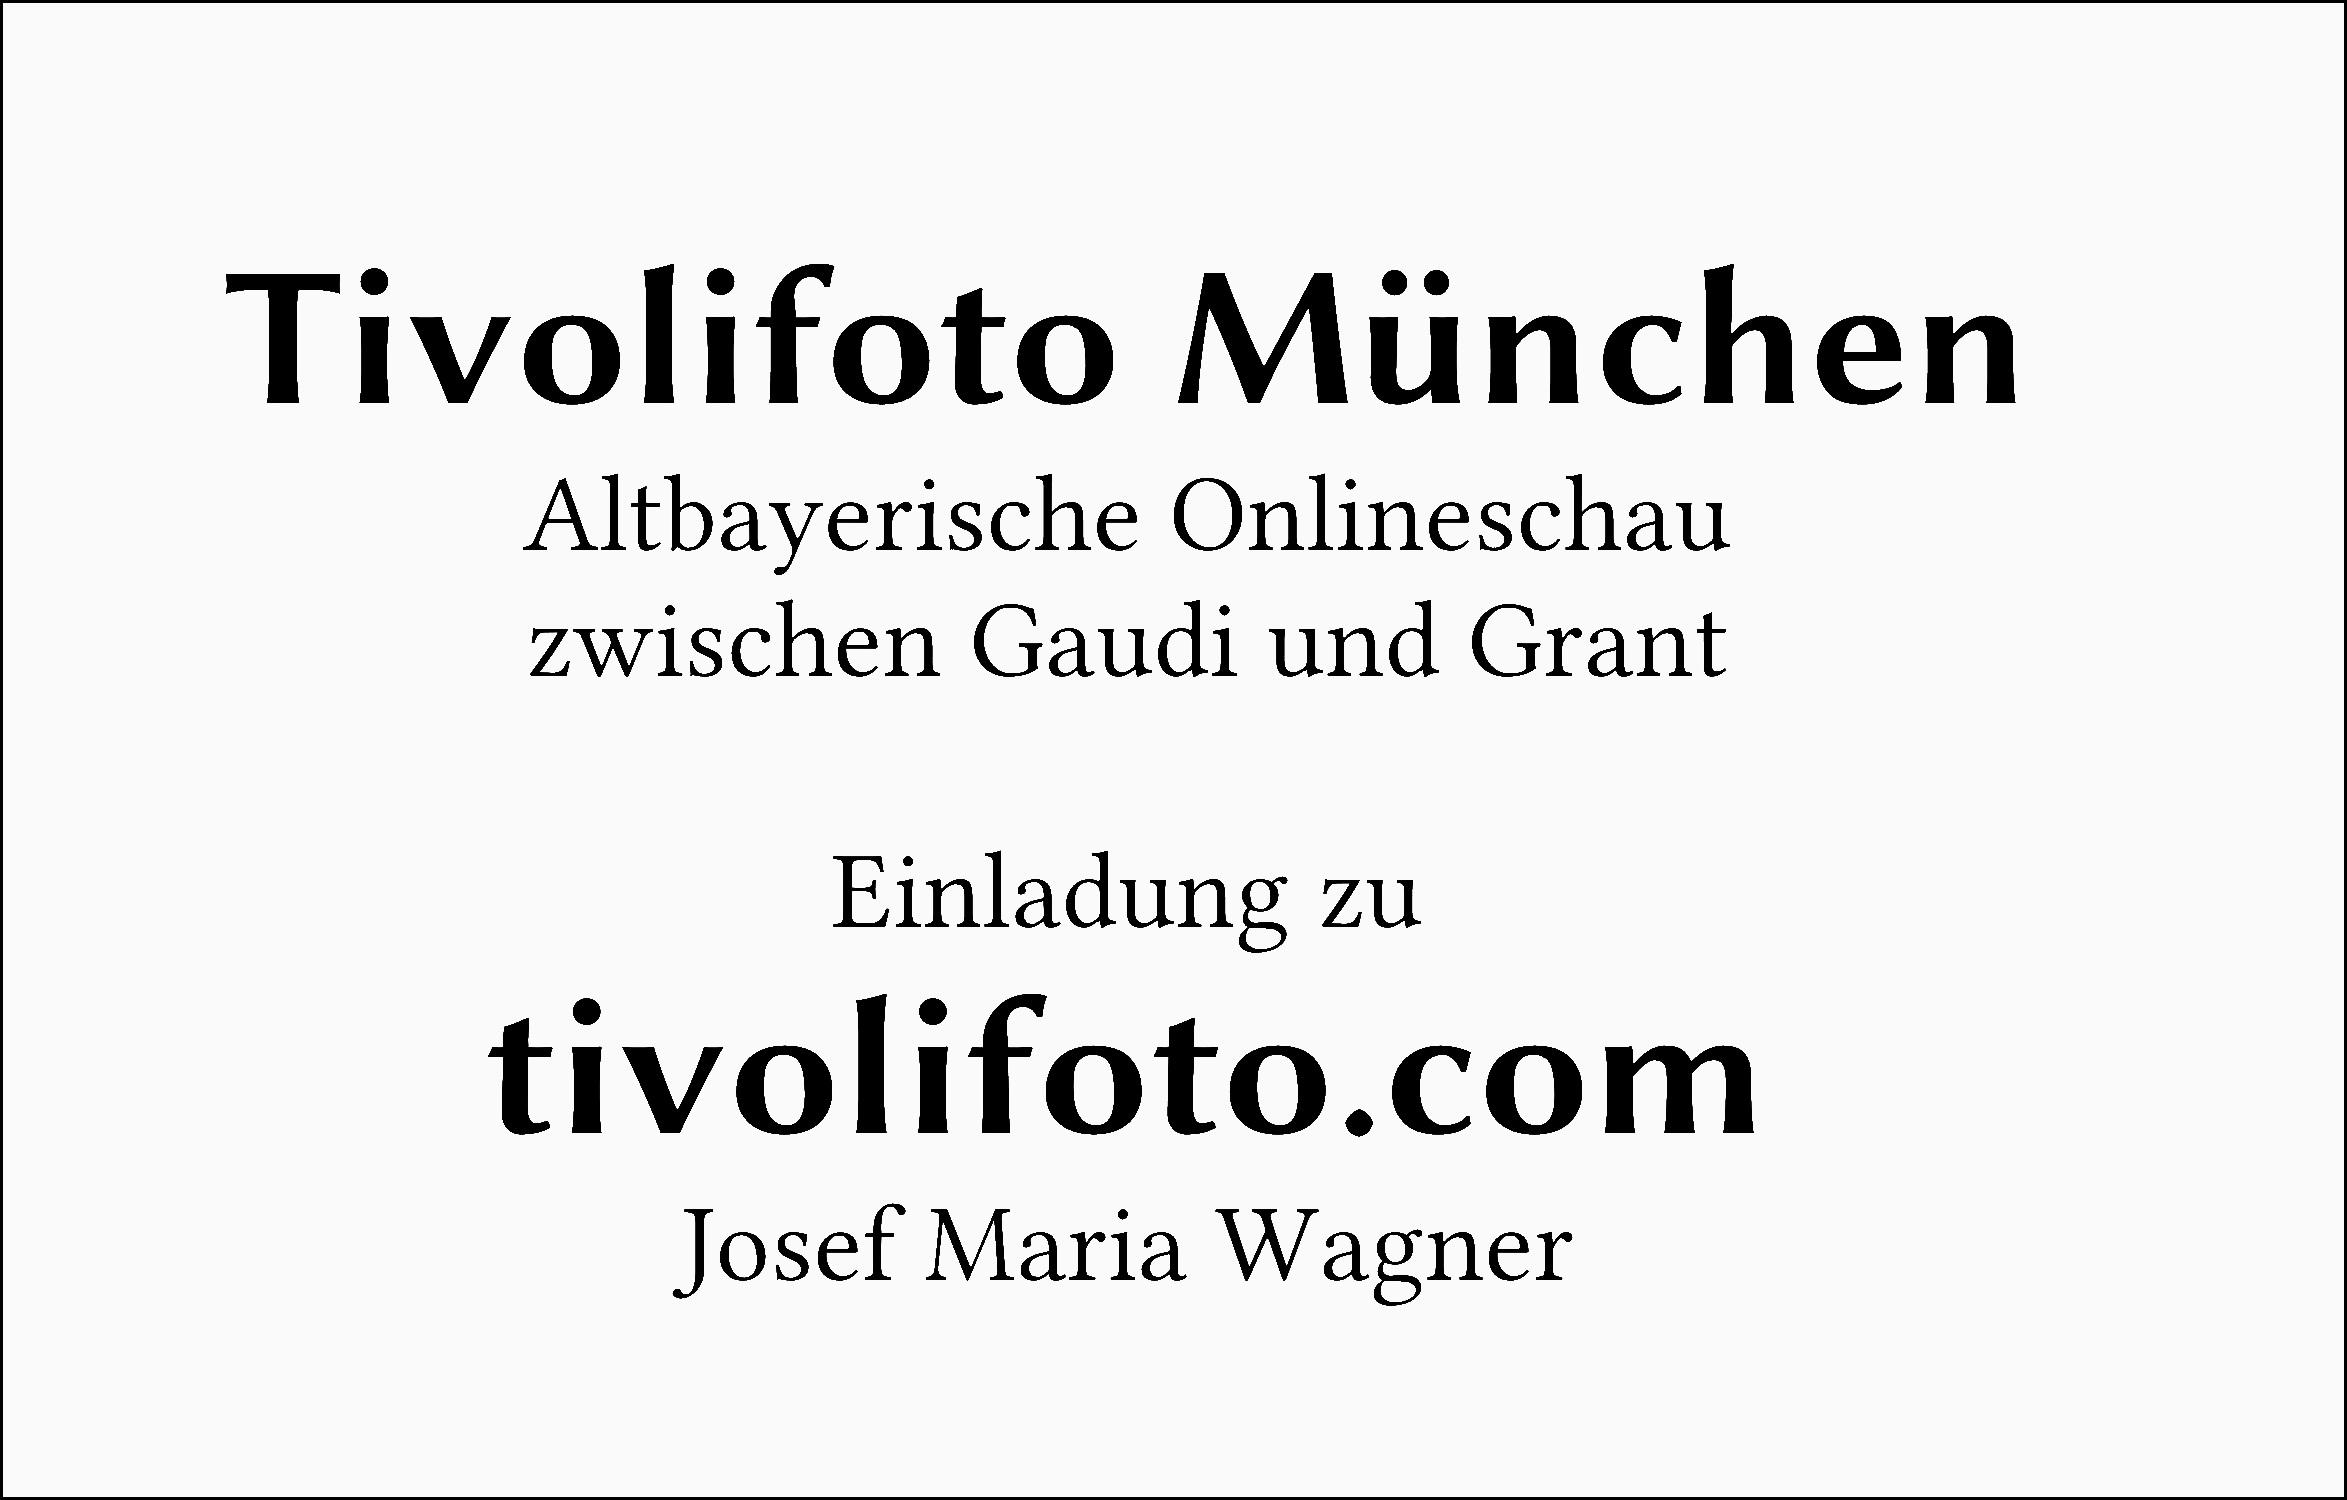 Einladung zum Besuch von Tivolifoto München mit Link zur Startseite